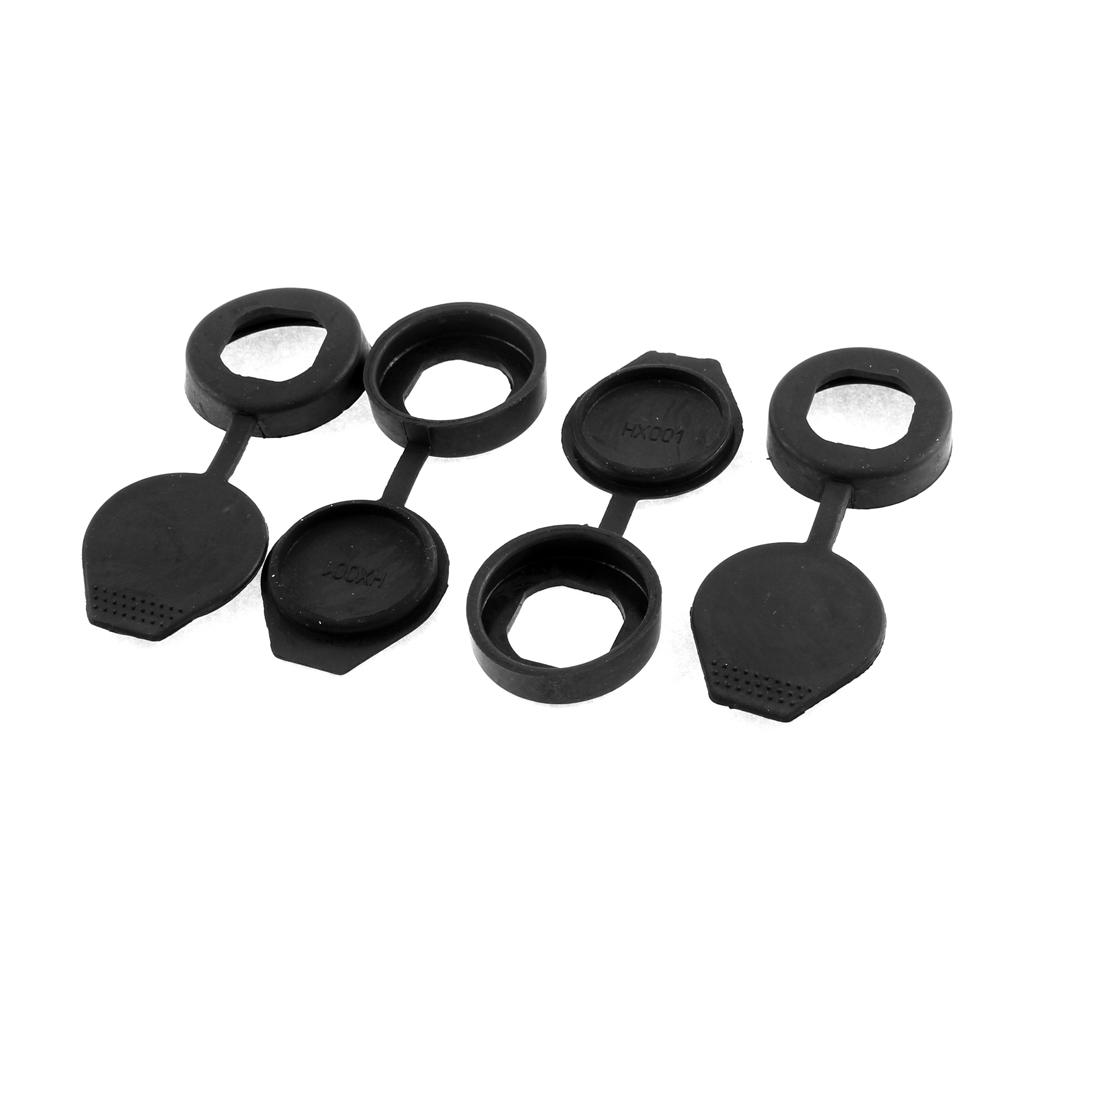 Cigarette Lighter Outlet Socket Black Rubber Cover Plug Cap Lid Replacement 4 PCS